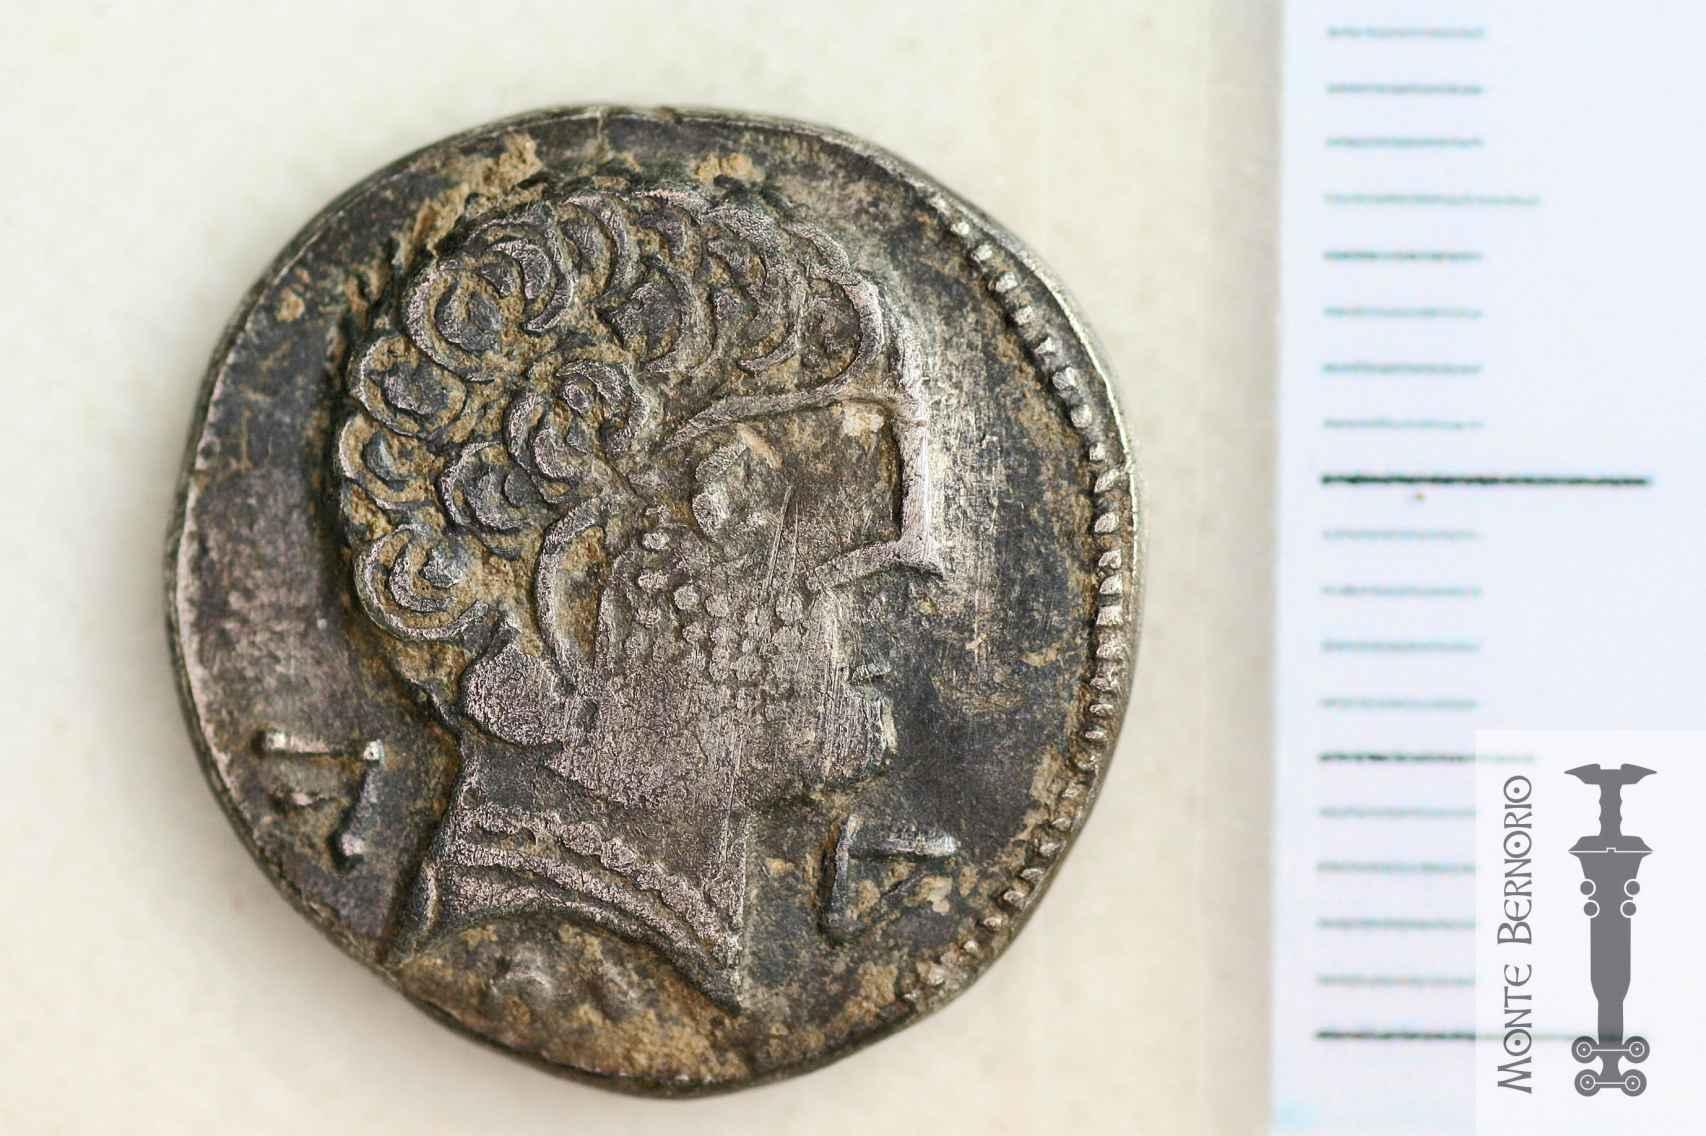 Denario romano hallado en la rampa sur de Monte Bernorio.